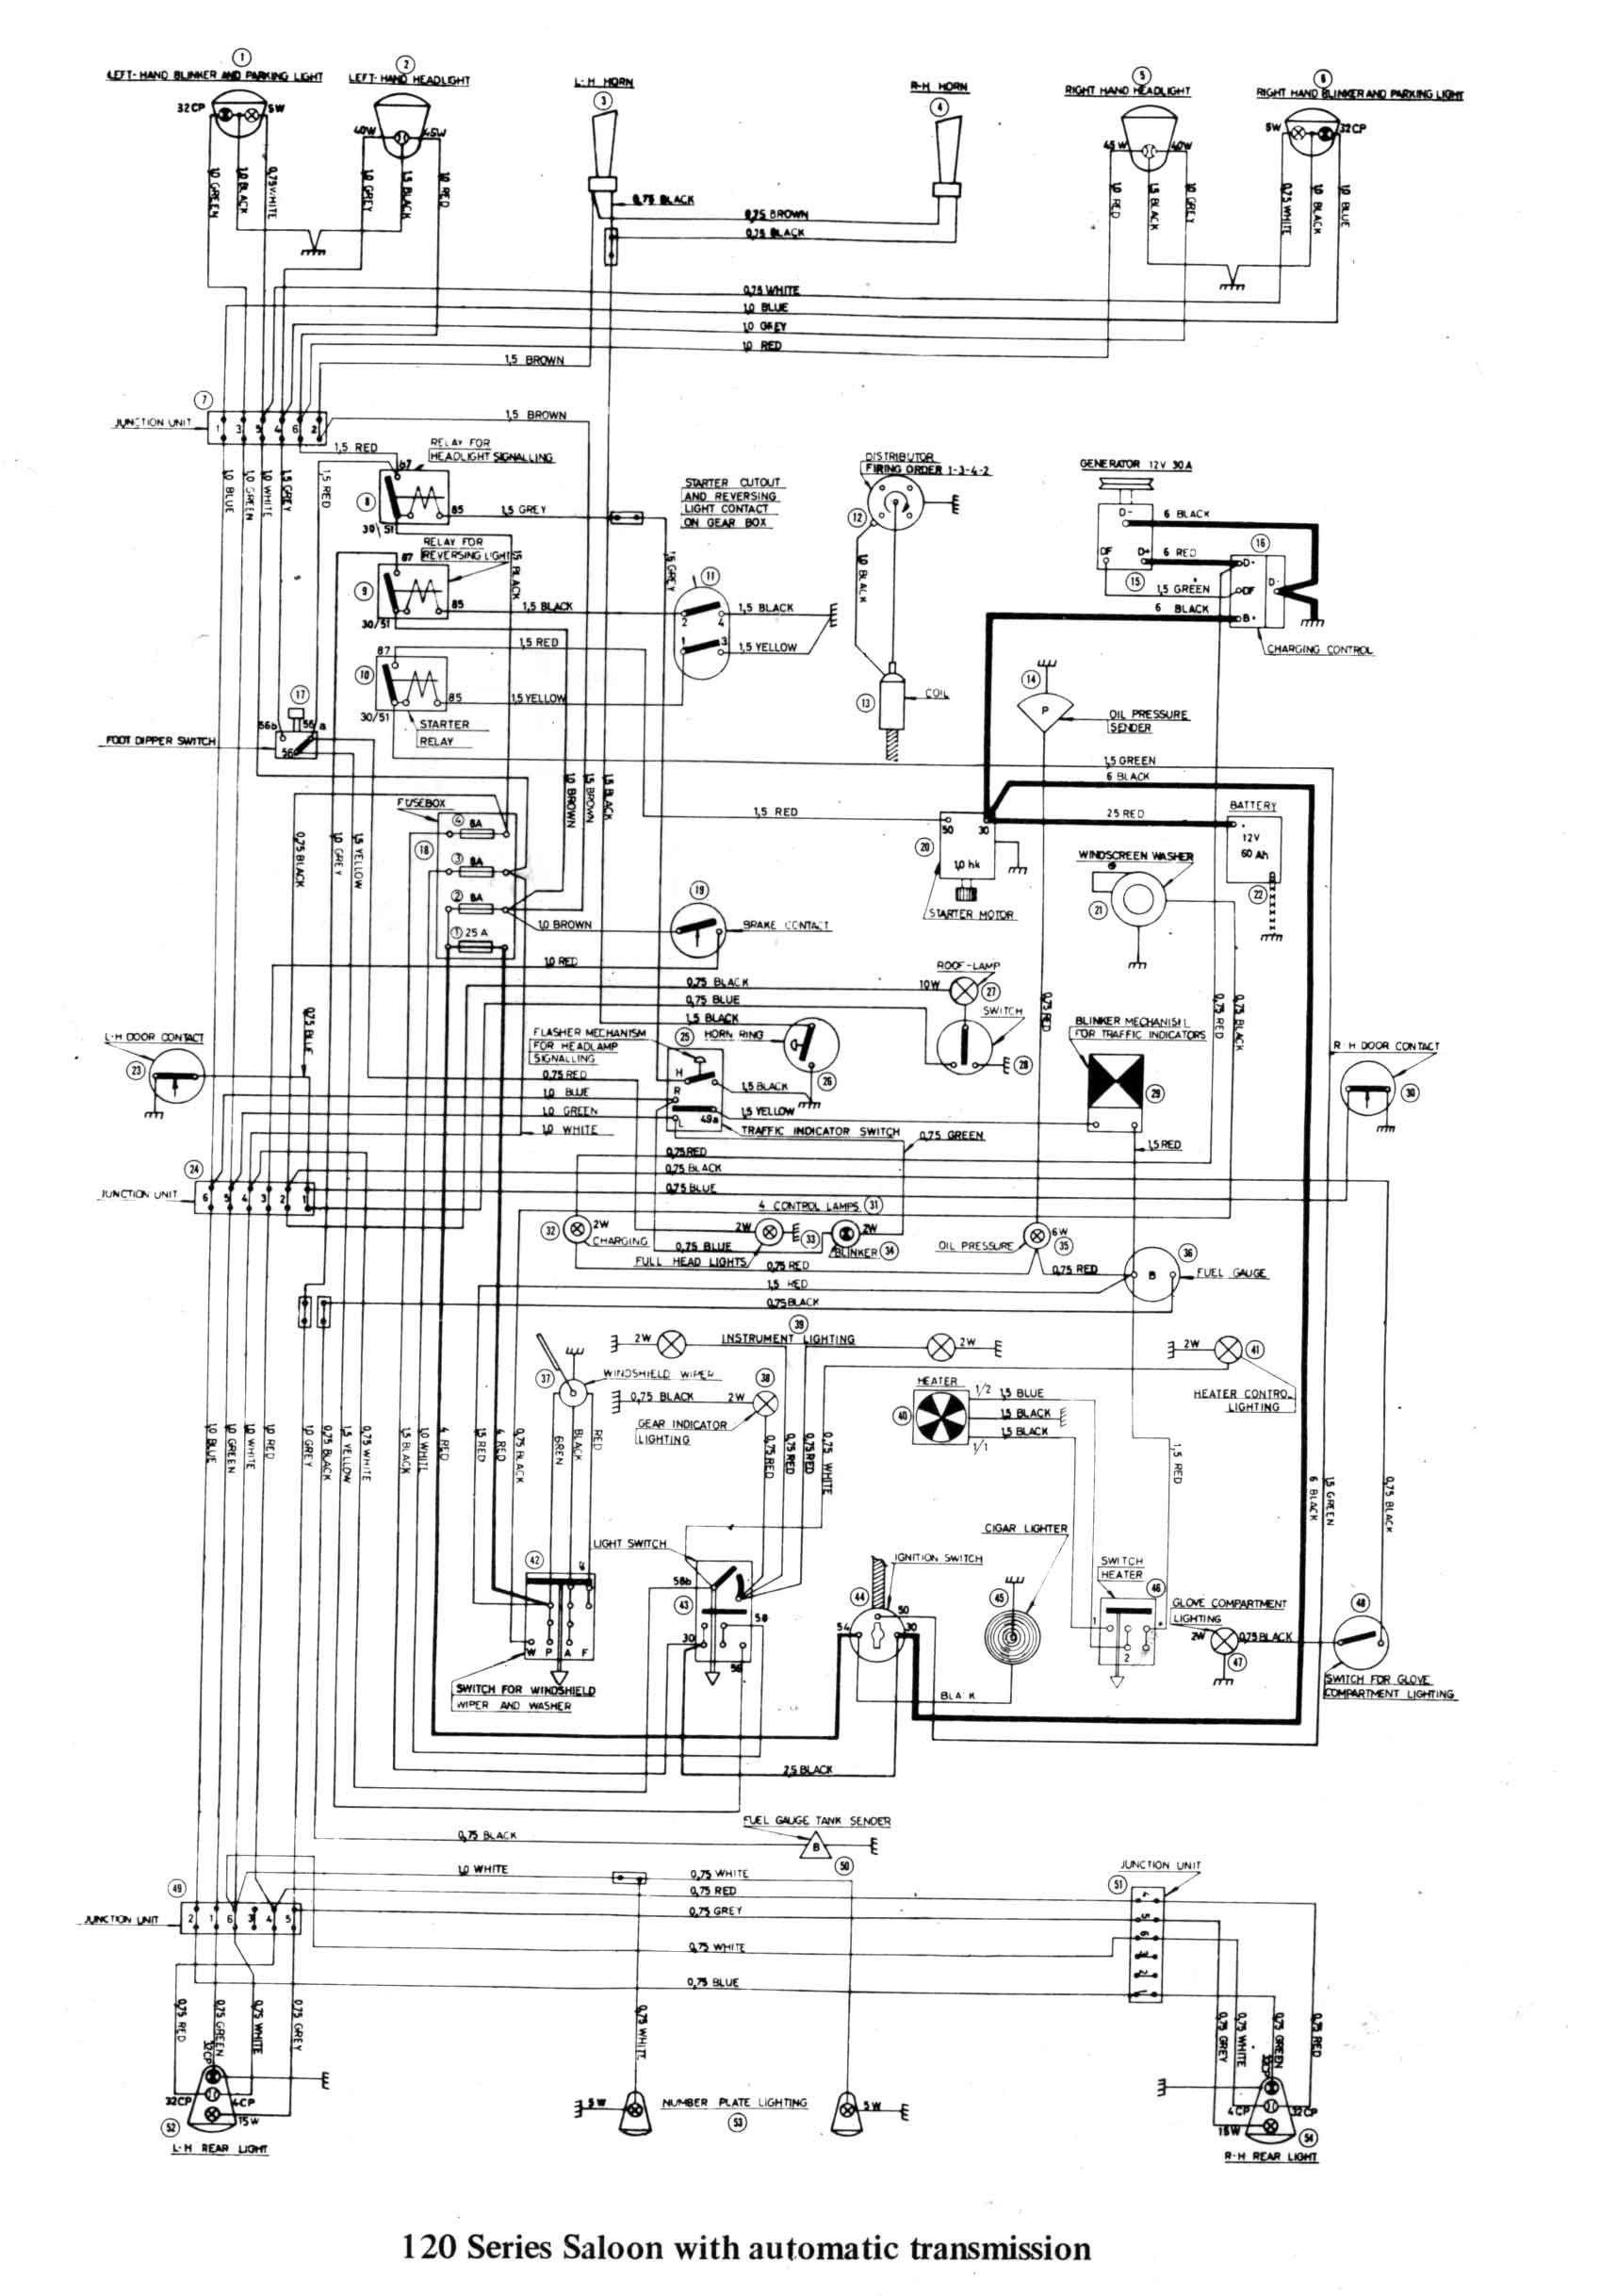 John Deere Lt155 Wiring Diagram | Free Wiring Diagram on